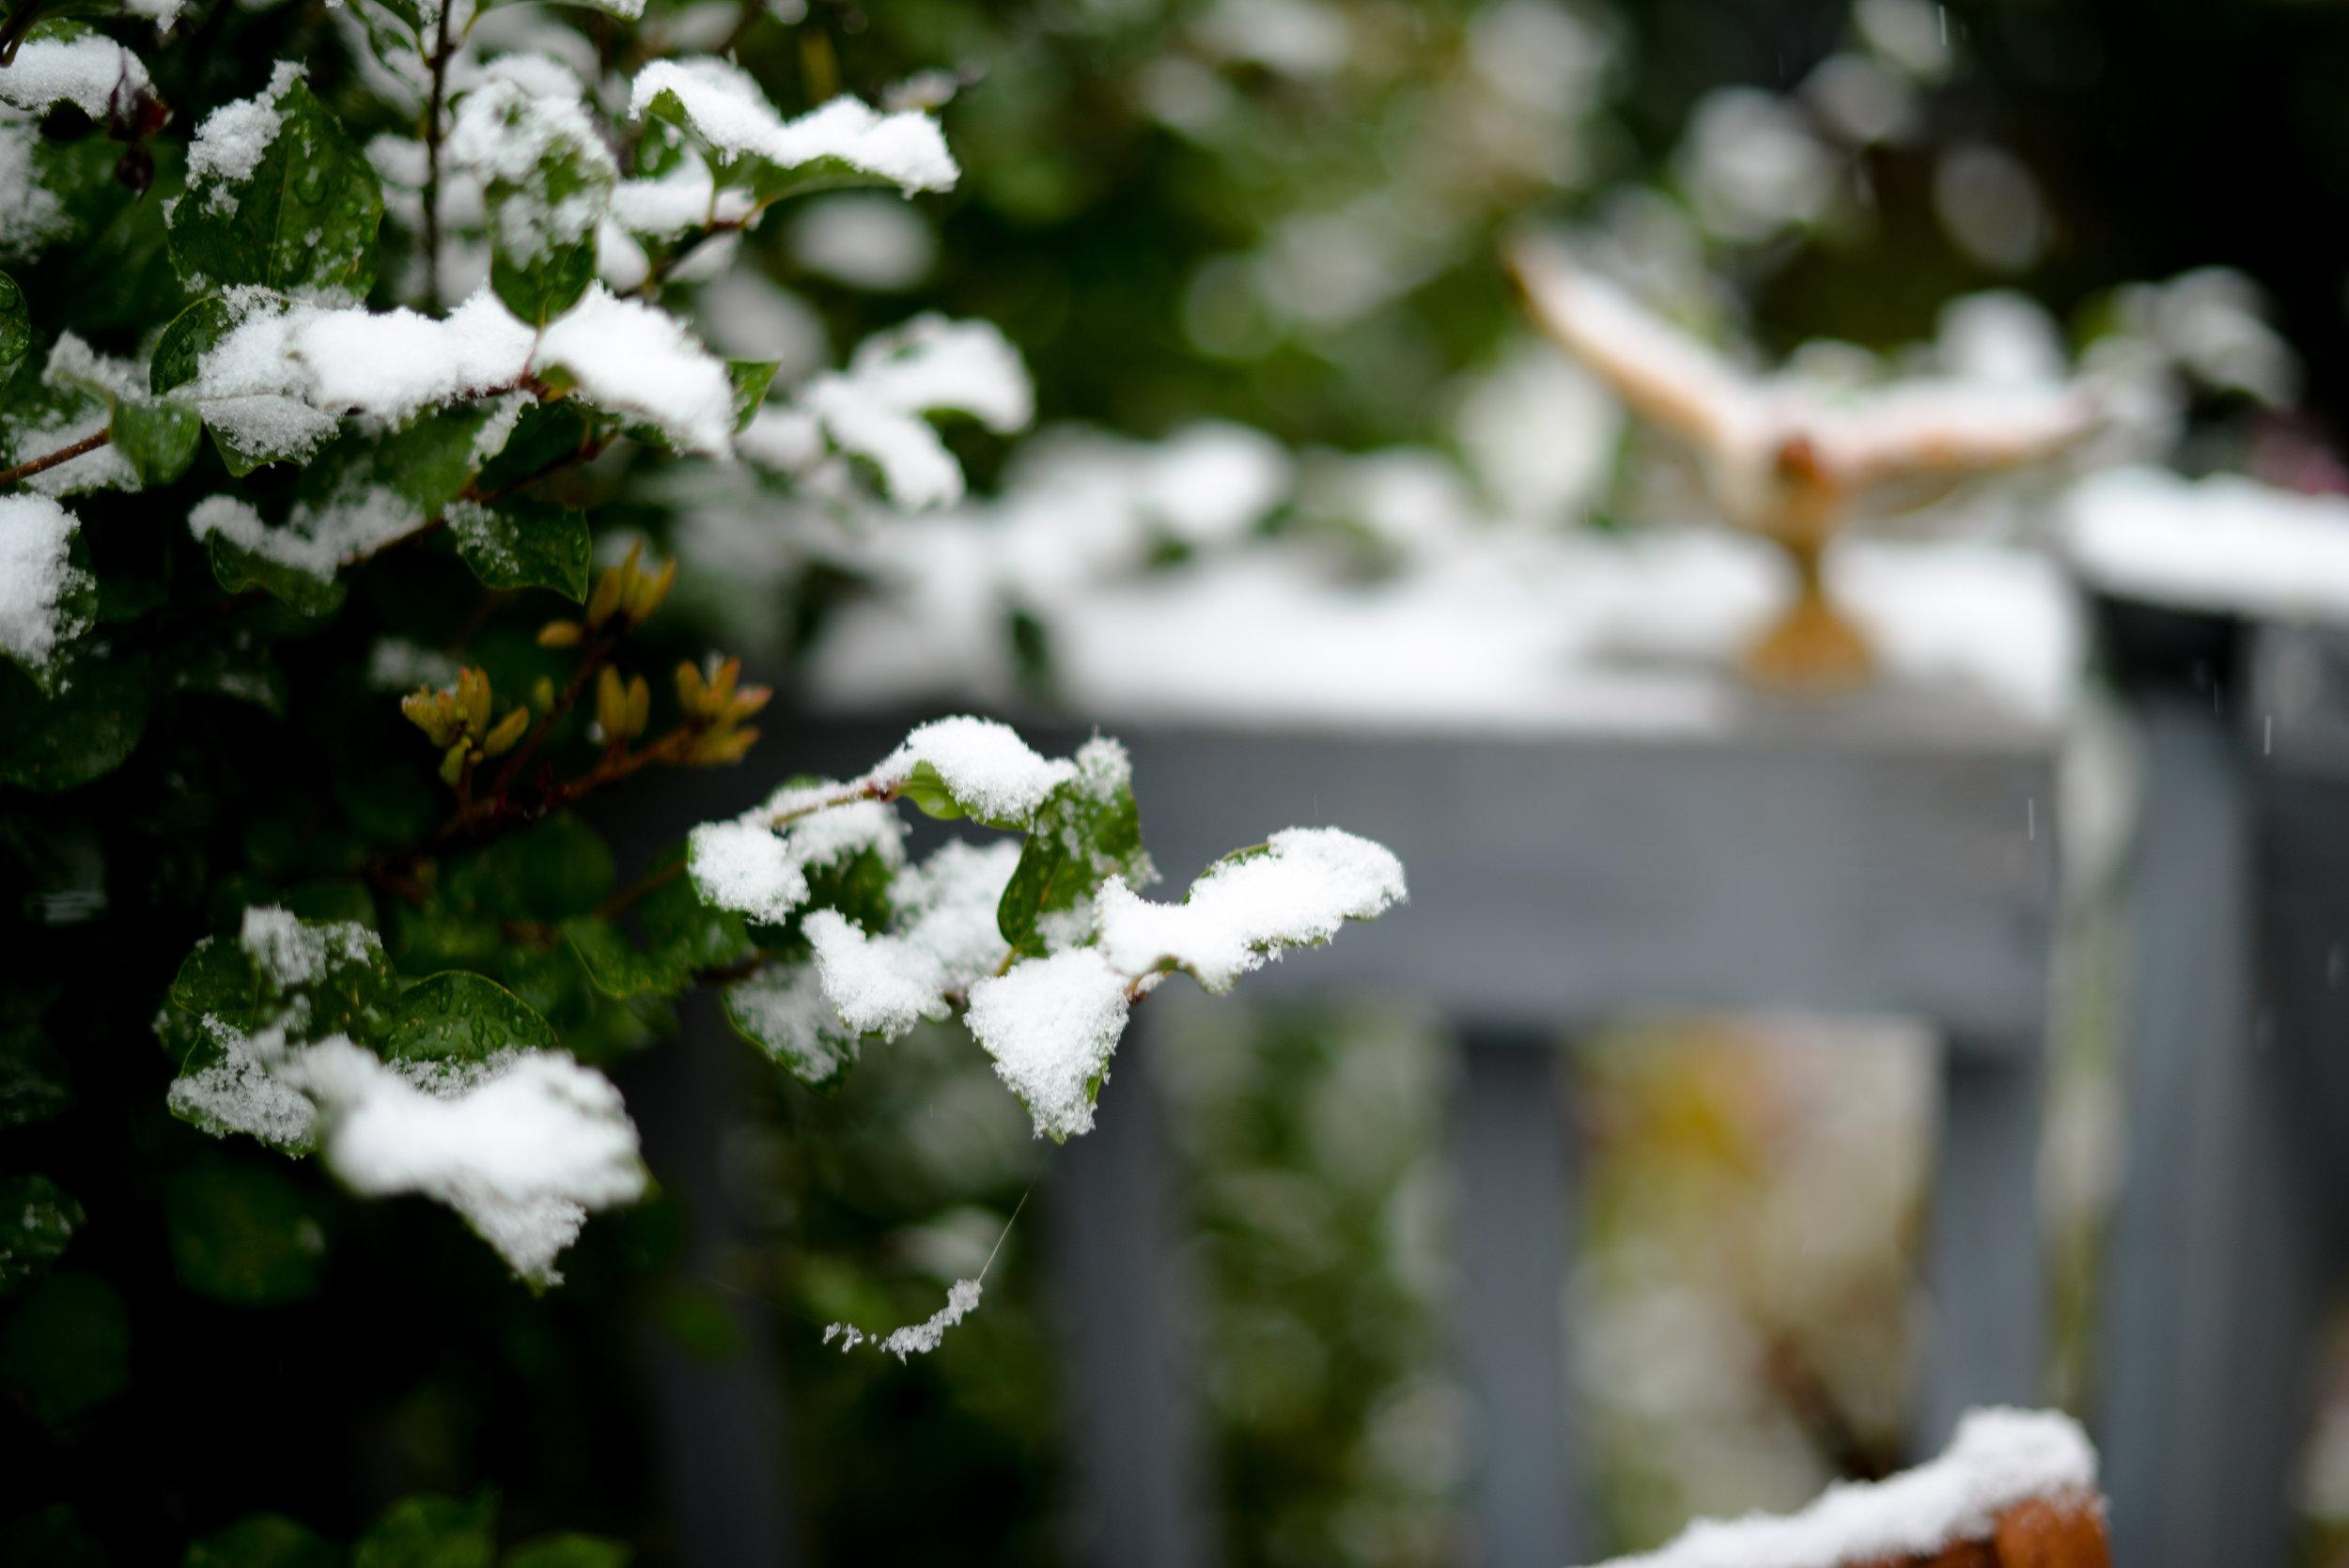 04-snow in september-11.jpg